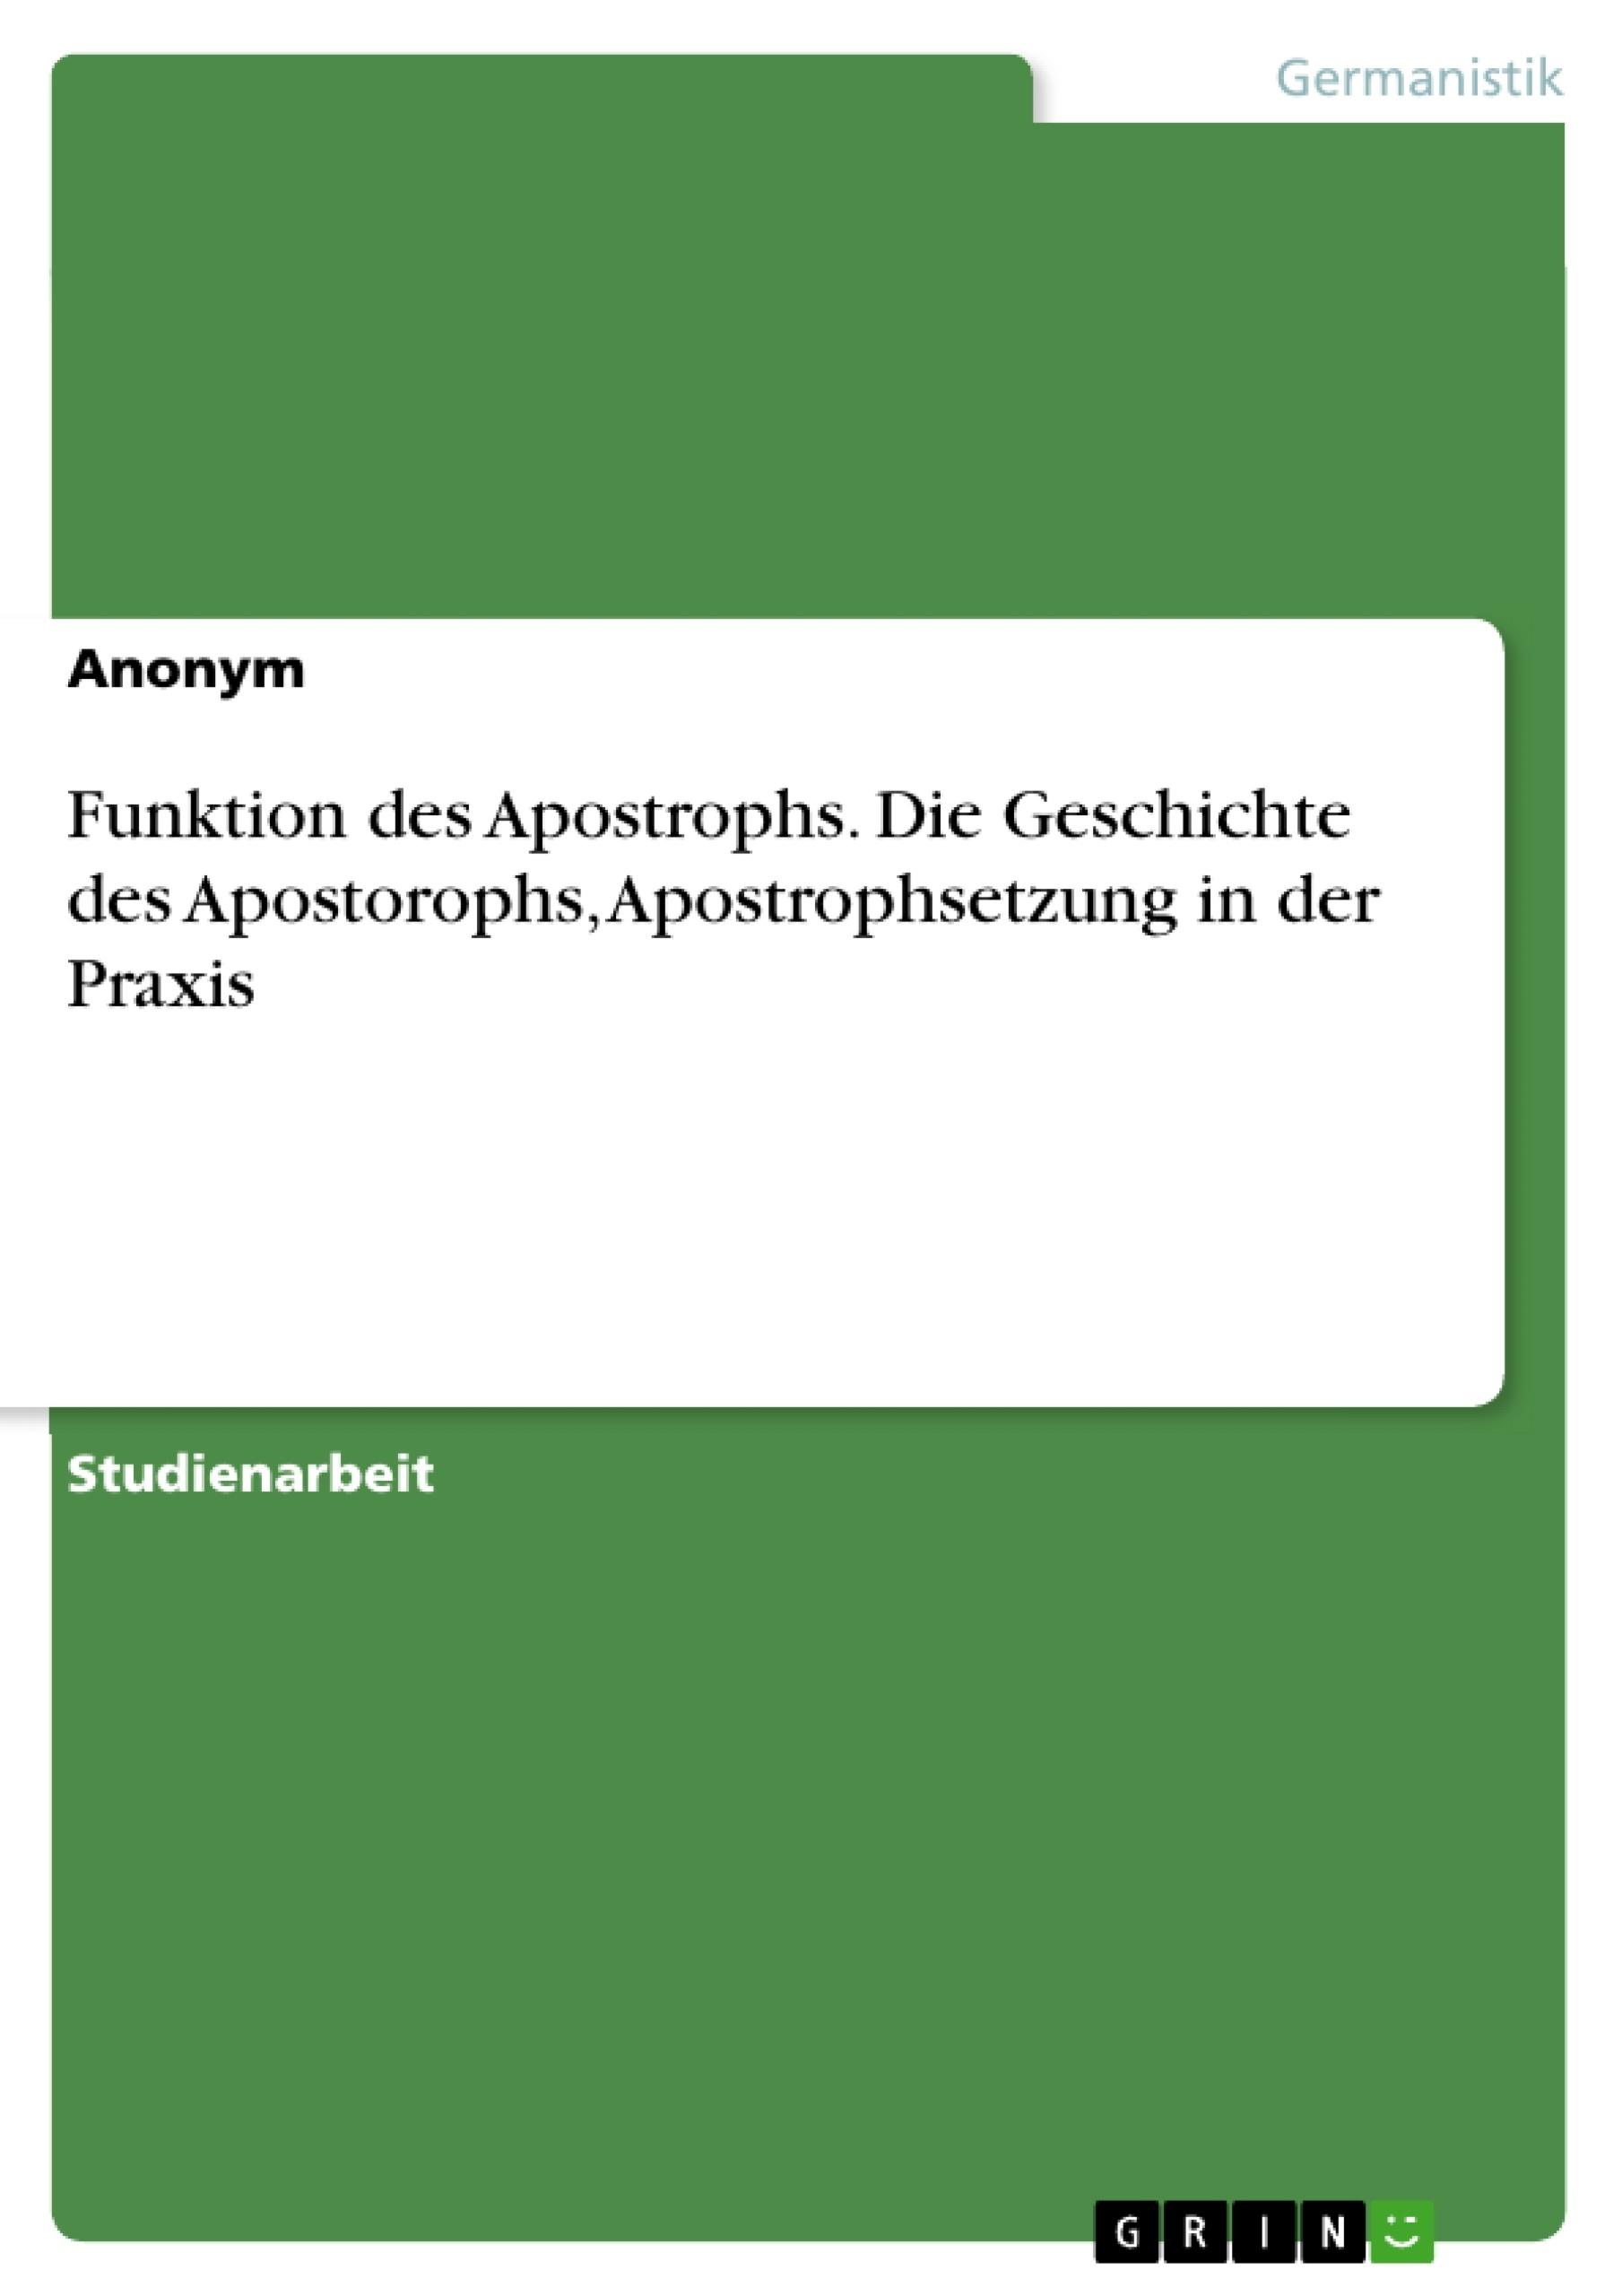 Titel: Funktion des Apostrophs. Die Geschichte des Apostorophs, Apostrophsetzung in der Praxis